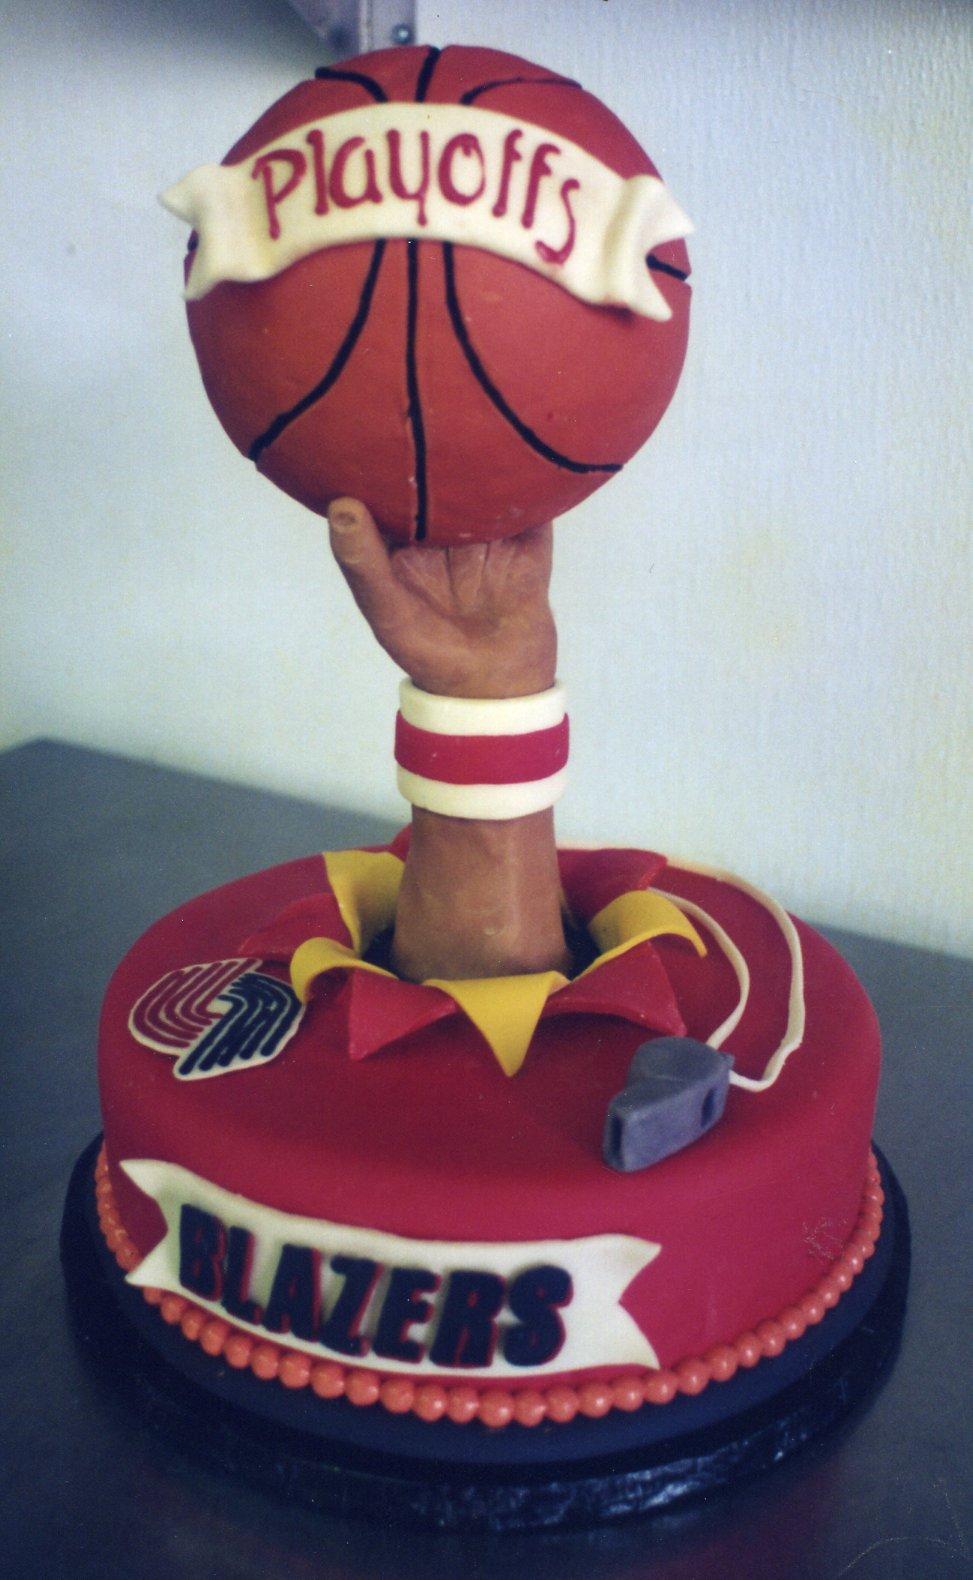 Blazers cake for Paul Allen